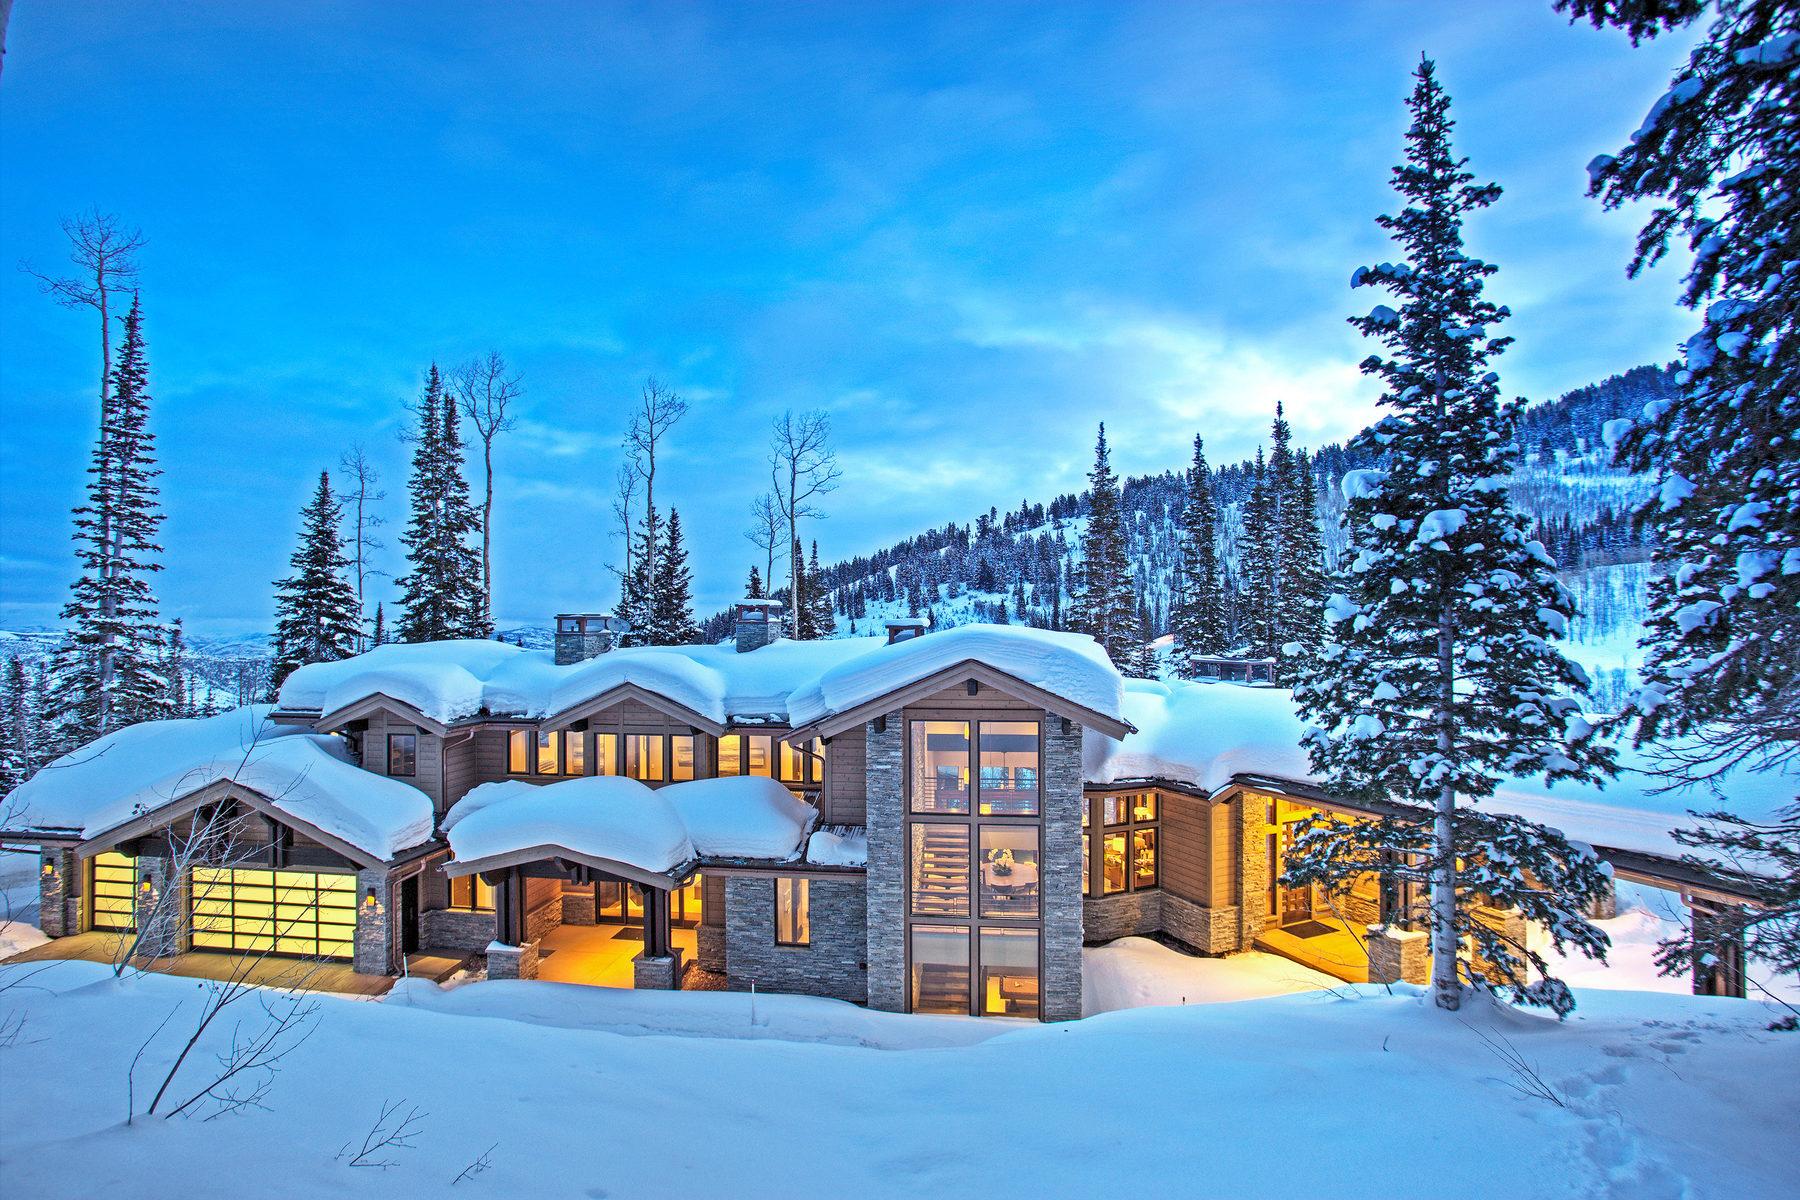 Einfamilienhaus für Verkauf beim Mountain Contemporary Masterpiece in the Colony 167 White Pine Canyon Rd Park City, Utah, 84060 Vereinigte Staaten